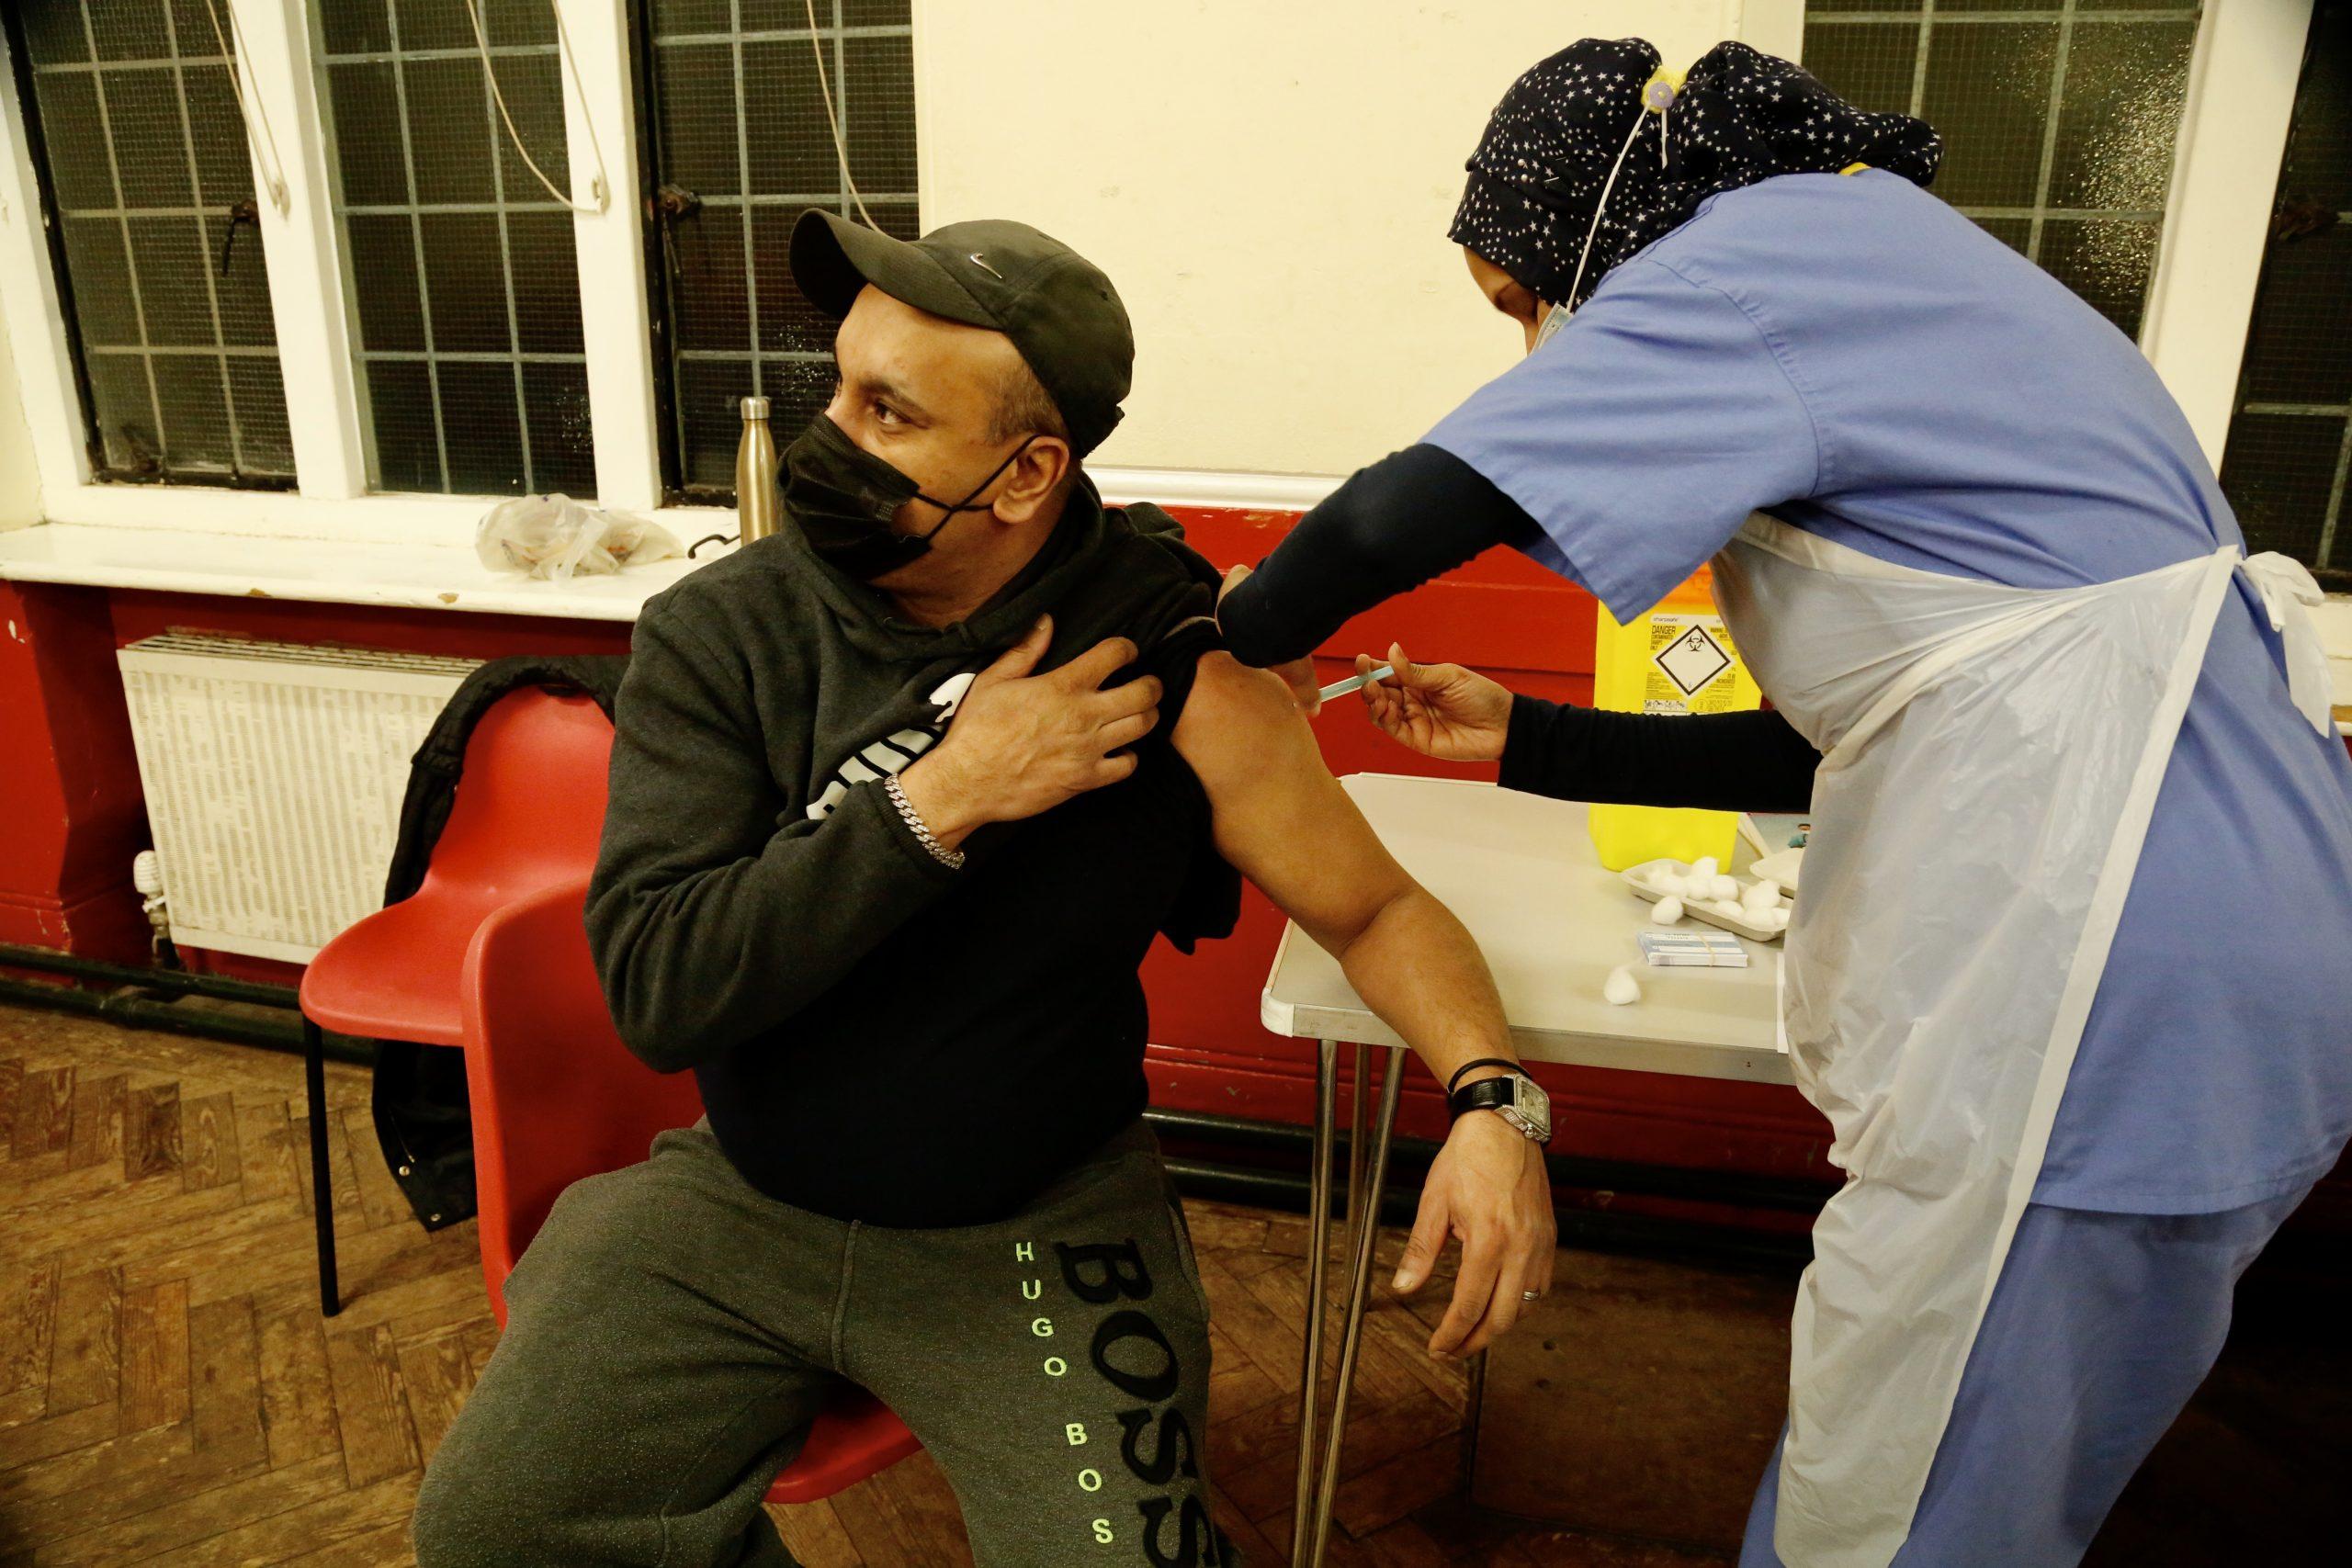 İngiltere'de iftardan sonra hizmet veren aşı merkezleri açıldı